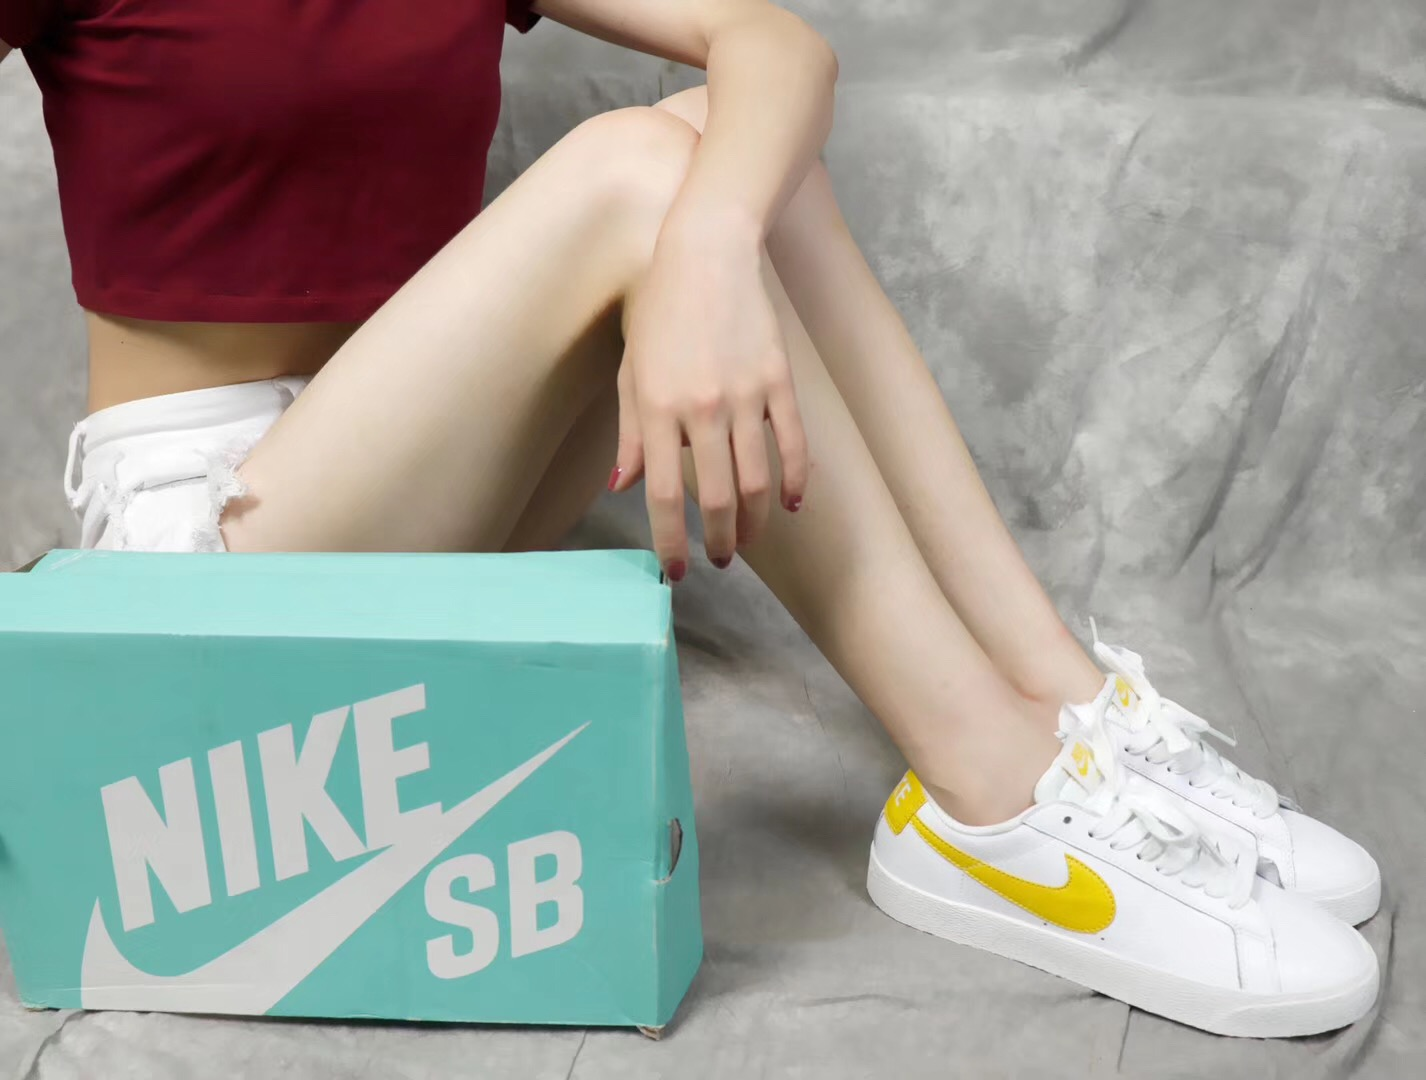 Giày nike nữ sb màu vàng